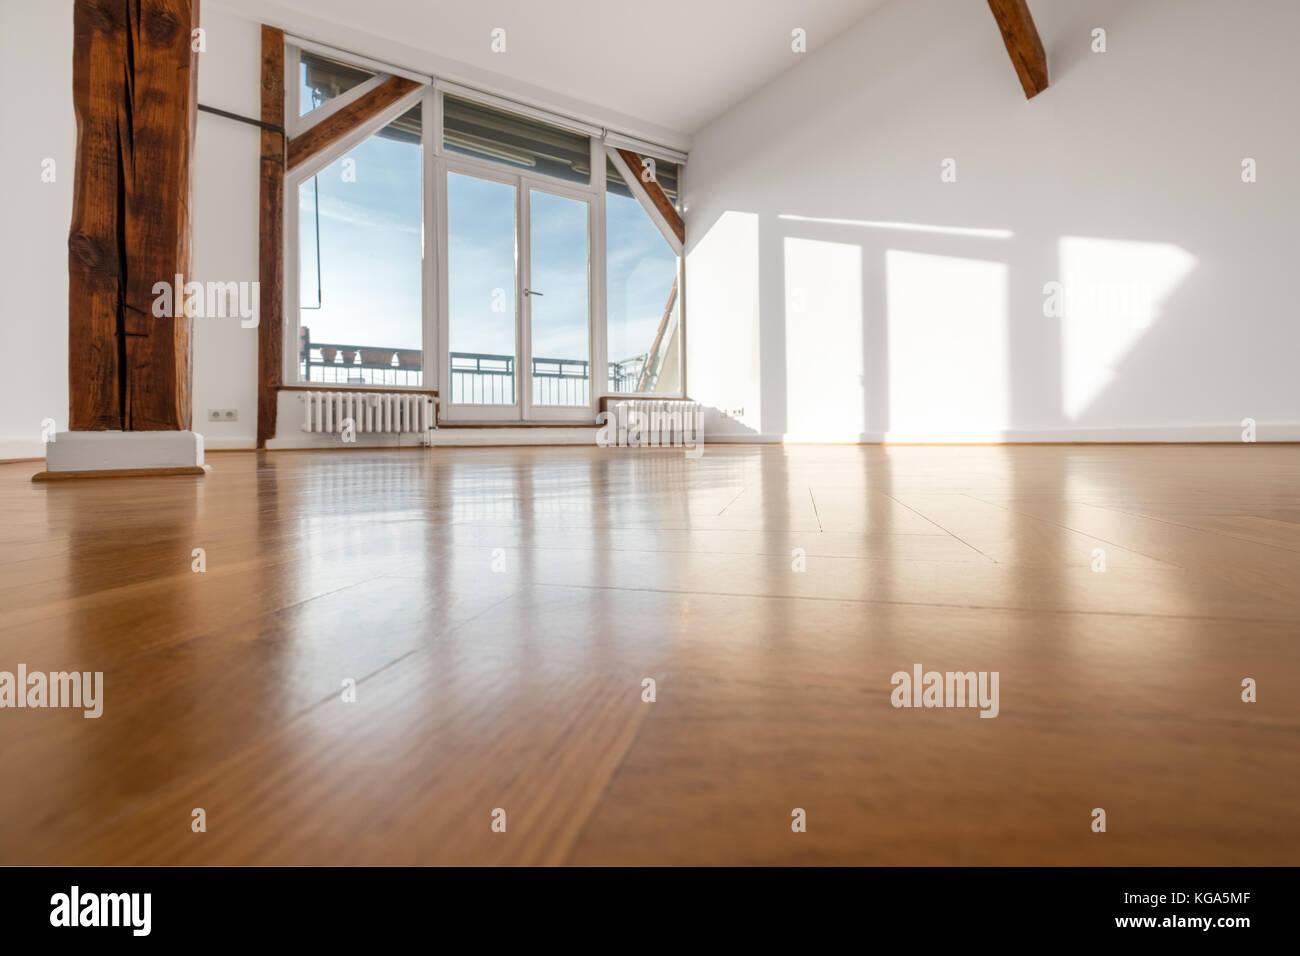 Leeren Raum mit Holzboden und Terrasse Fenster Stockfoto